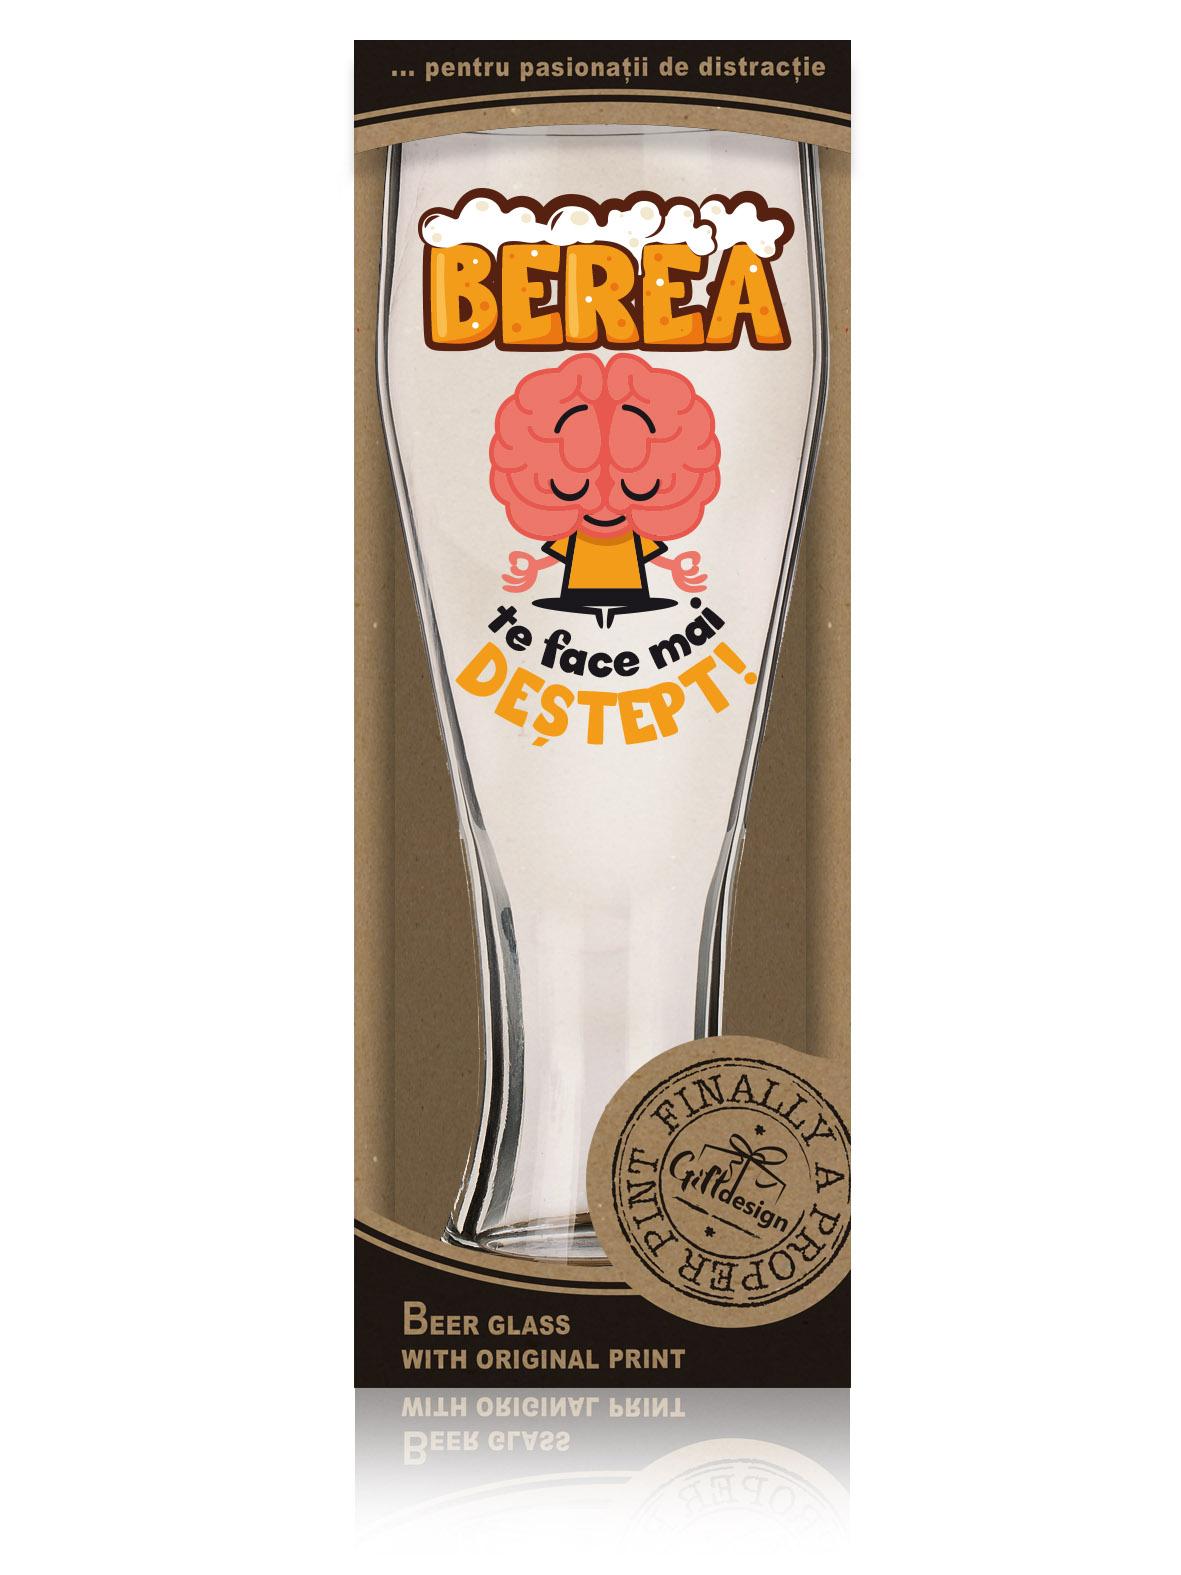 """Cutie pahar de bere """"Berea te face mai destept!""""."""